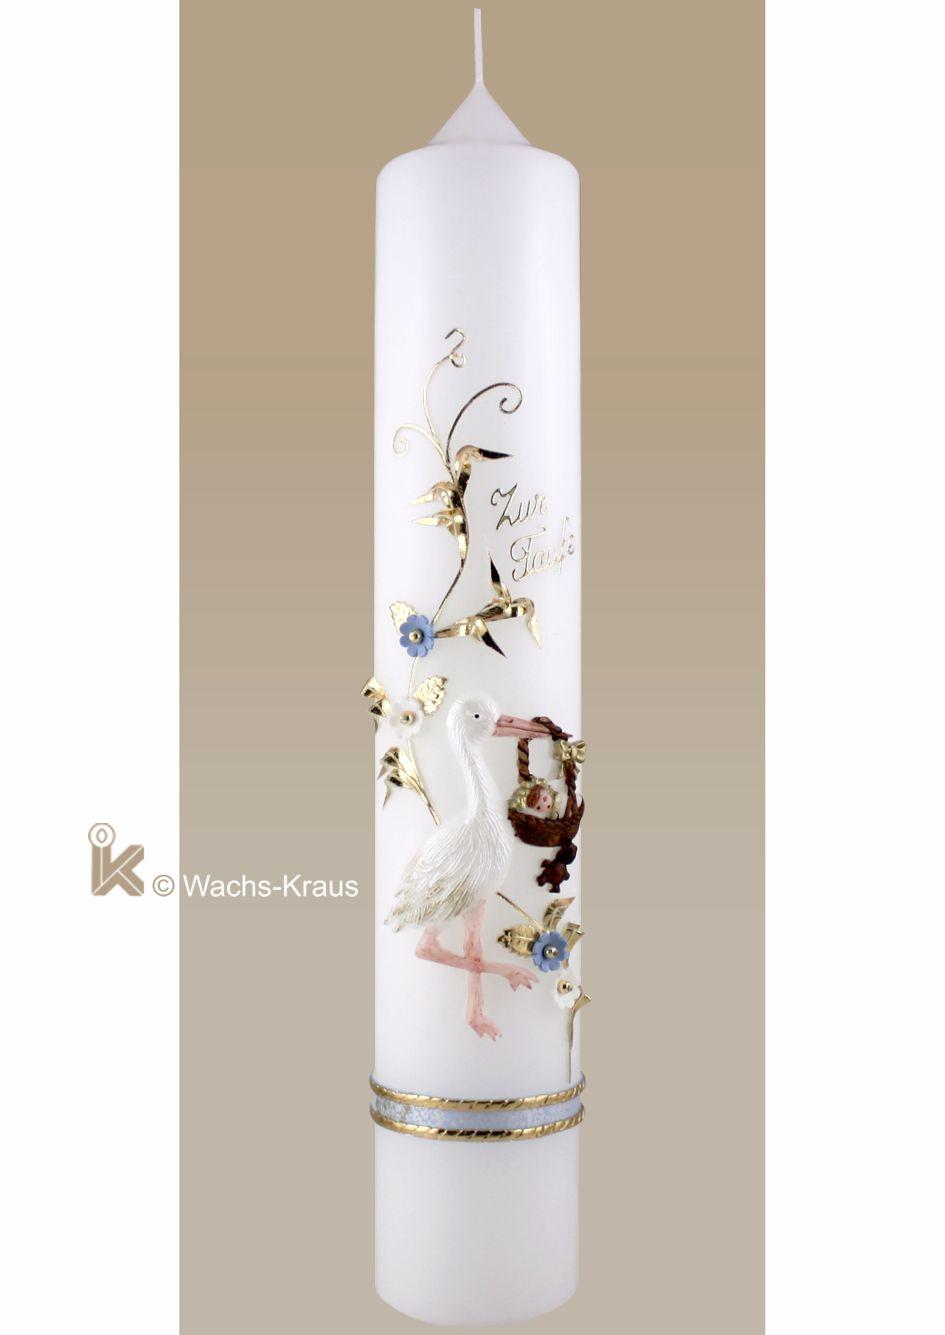 Taufkerze mit einem, aus Wachs gegossenen Storch mit einem Körbchen. In liebevoller Handarbeit bemalt. Dazu eine Blumenranke mit Blüten.